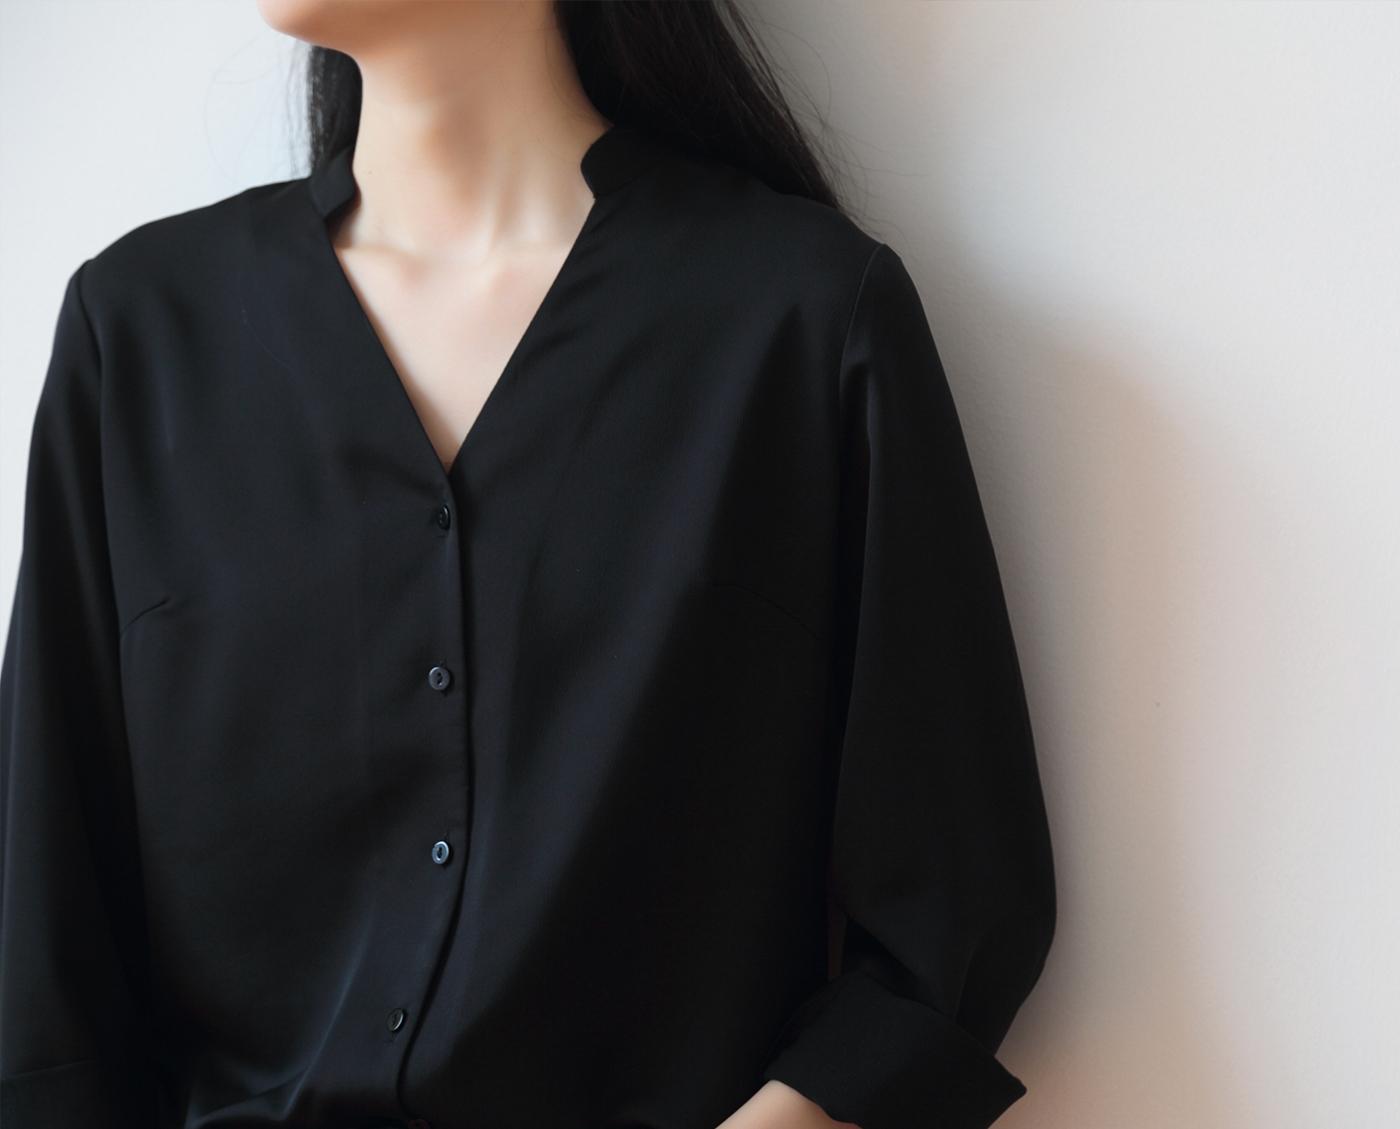 黑色衬衫 SS STUDIO 衬衫女设计感小众 通勤气质黑色v领叠穿长袖衬衣外穿春_推荐淘宝好看的黑色衬衫